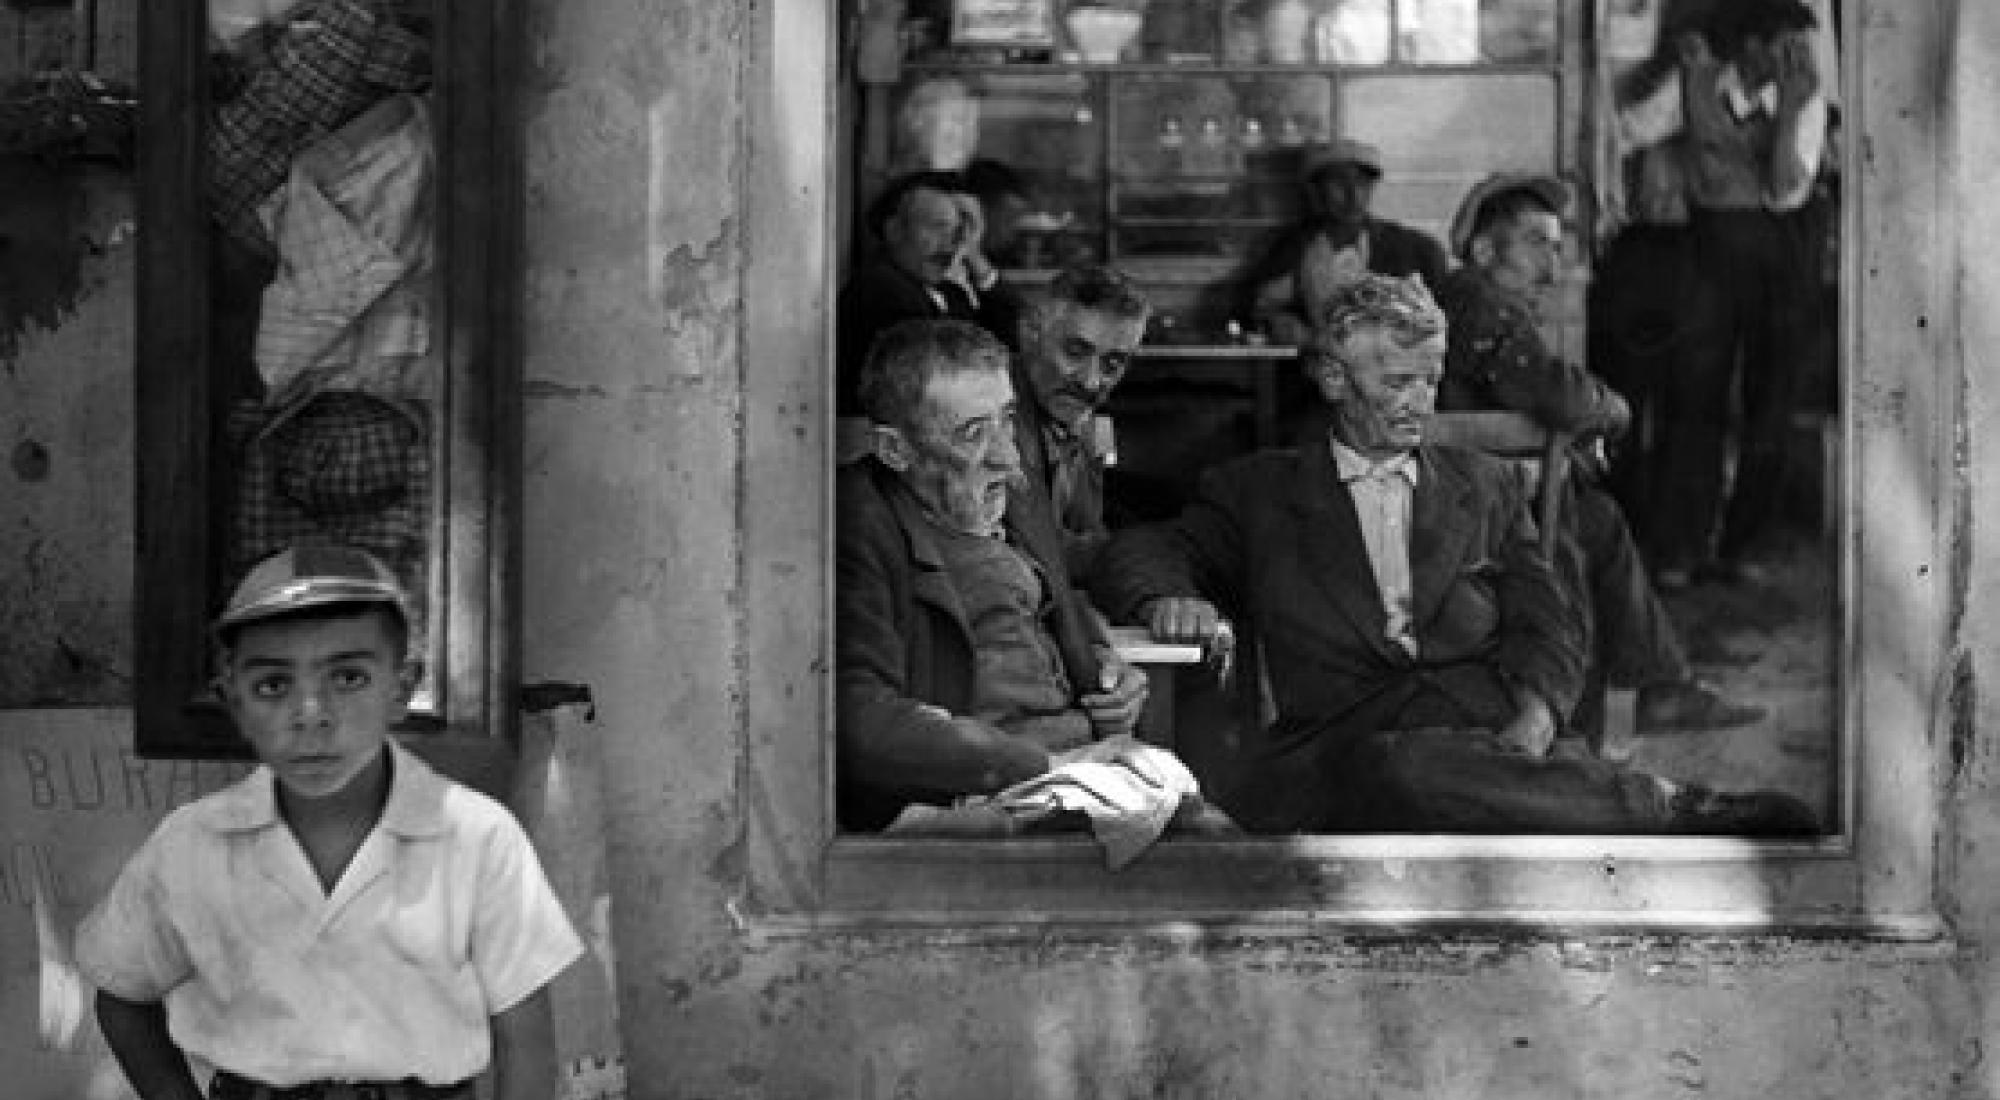 Стамбул в 1956 году. Фотограф: Ara Güler / Magnum Photos